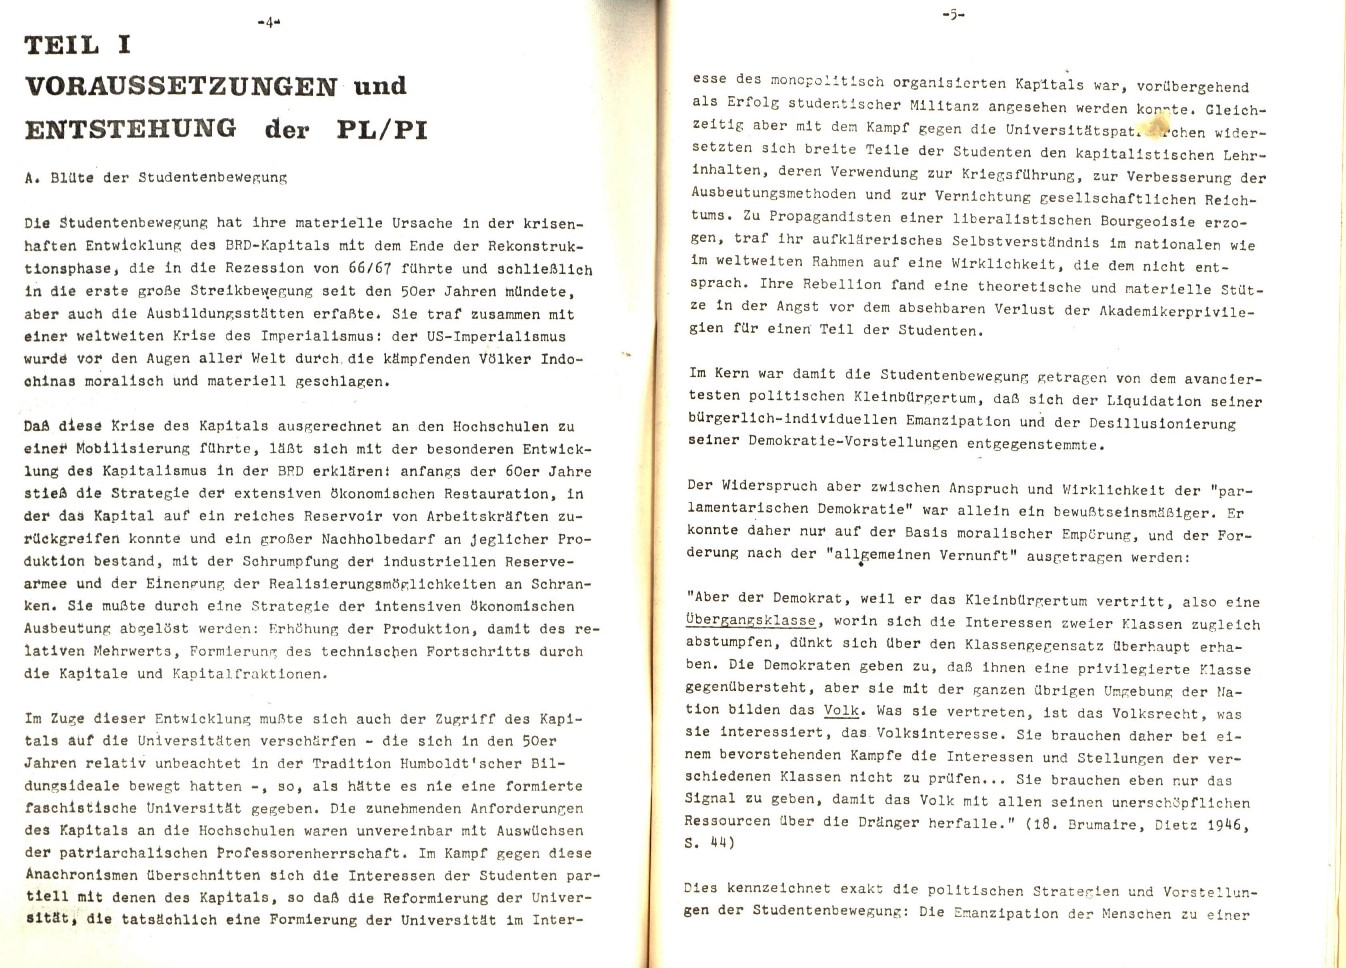 PLPI_1971_Aufloesung_05